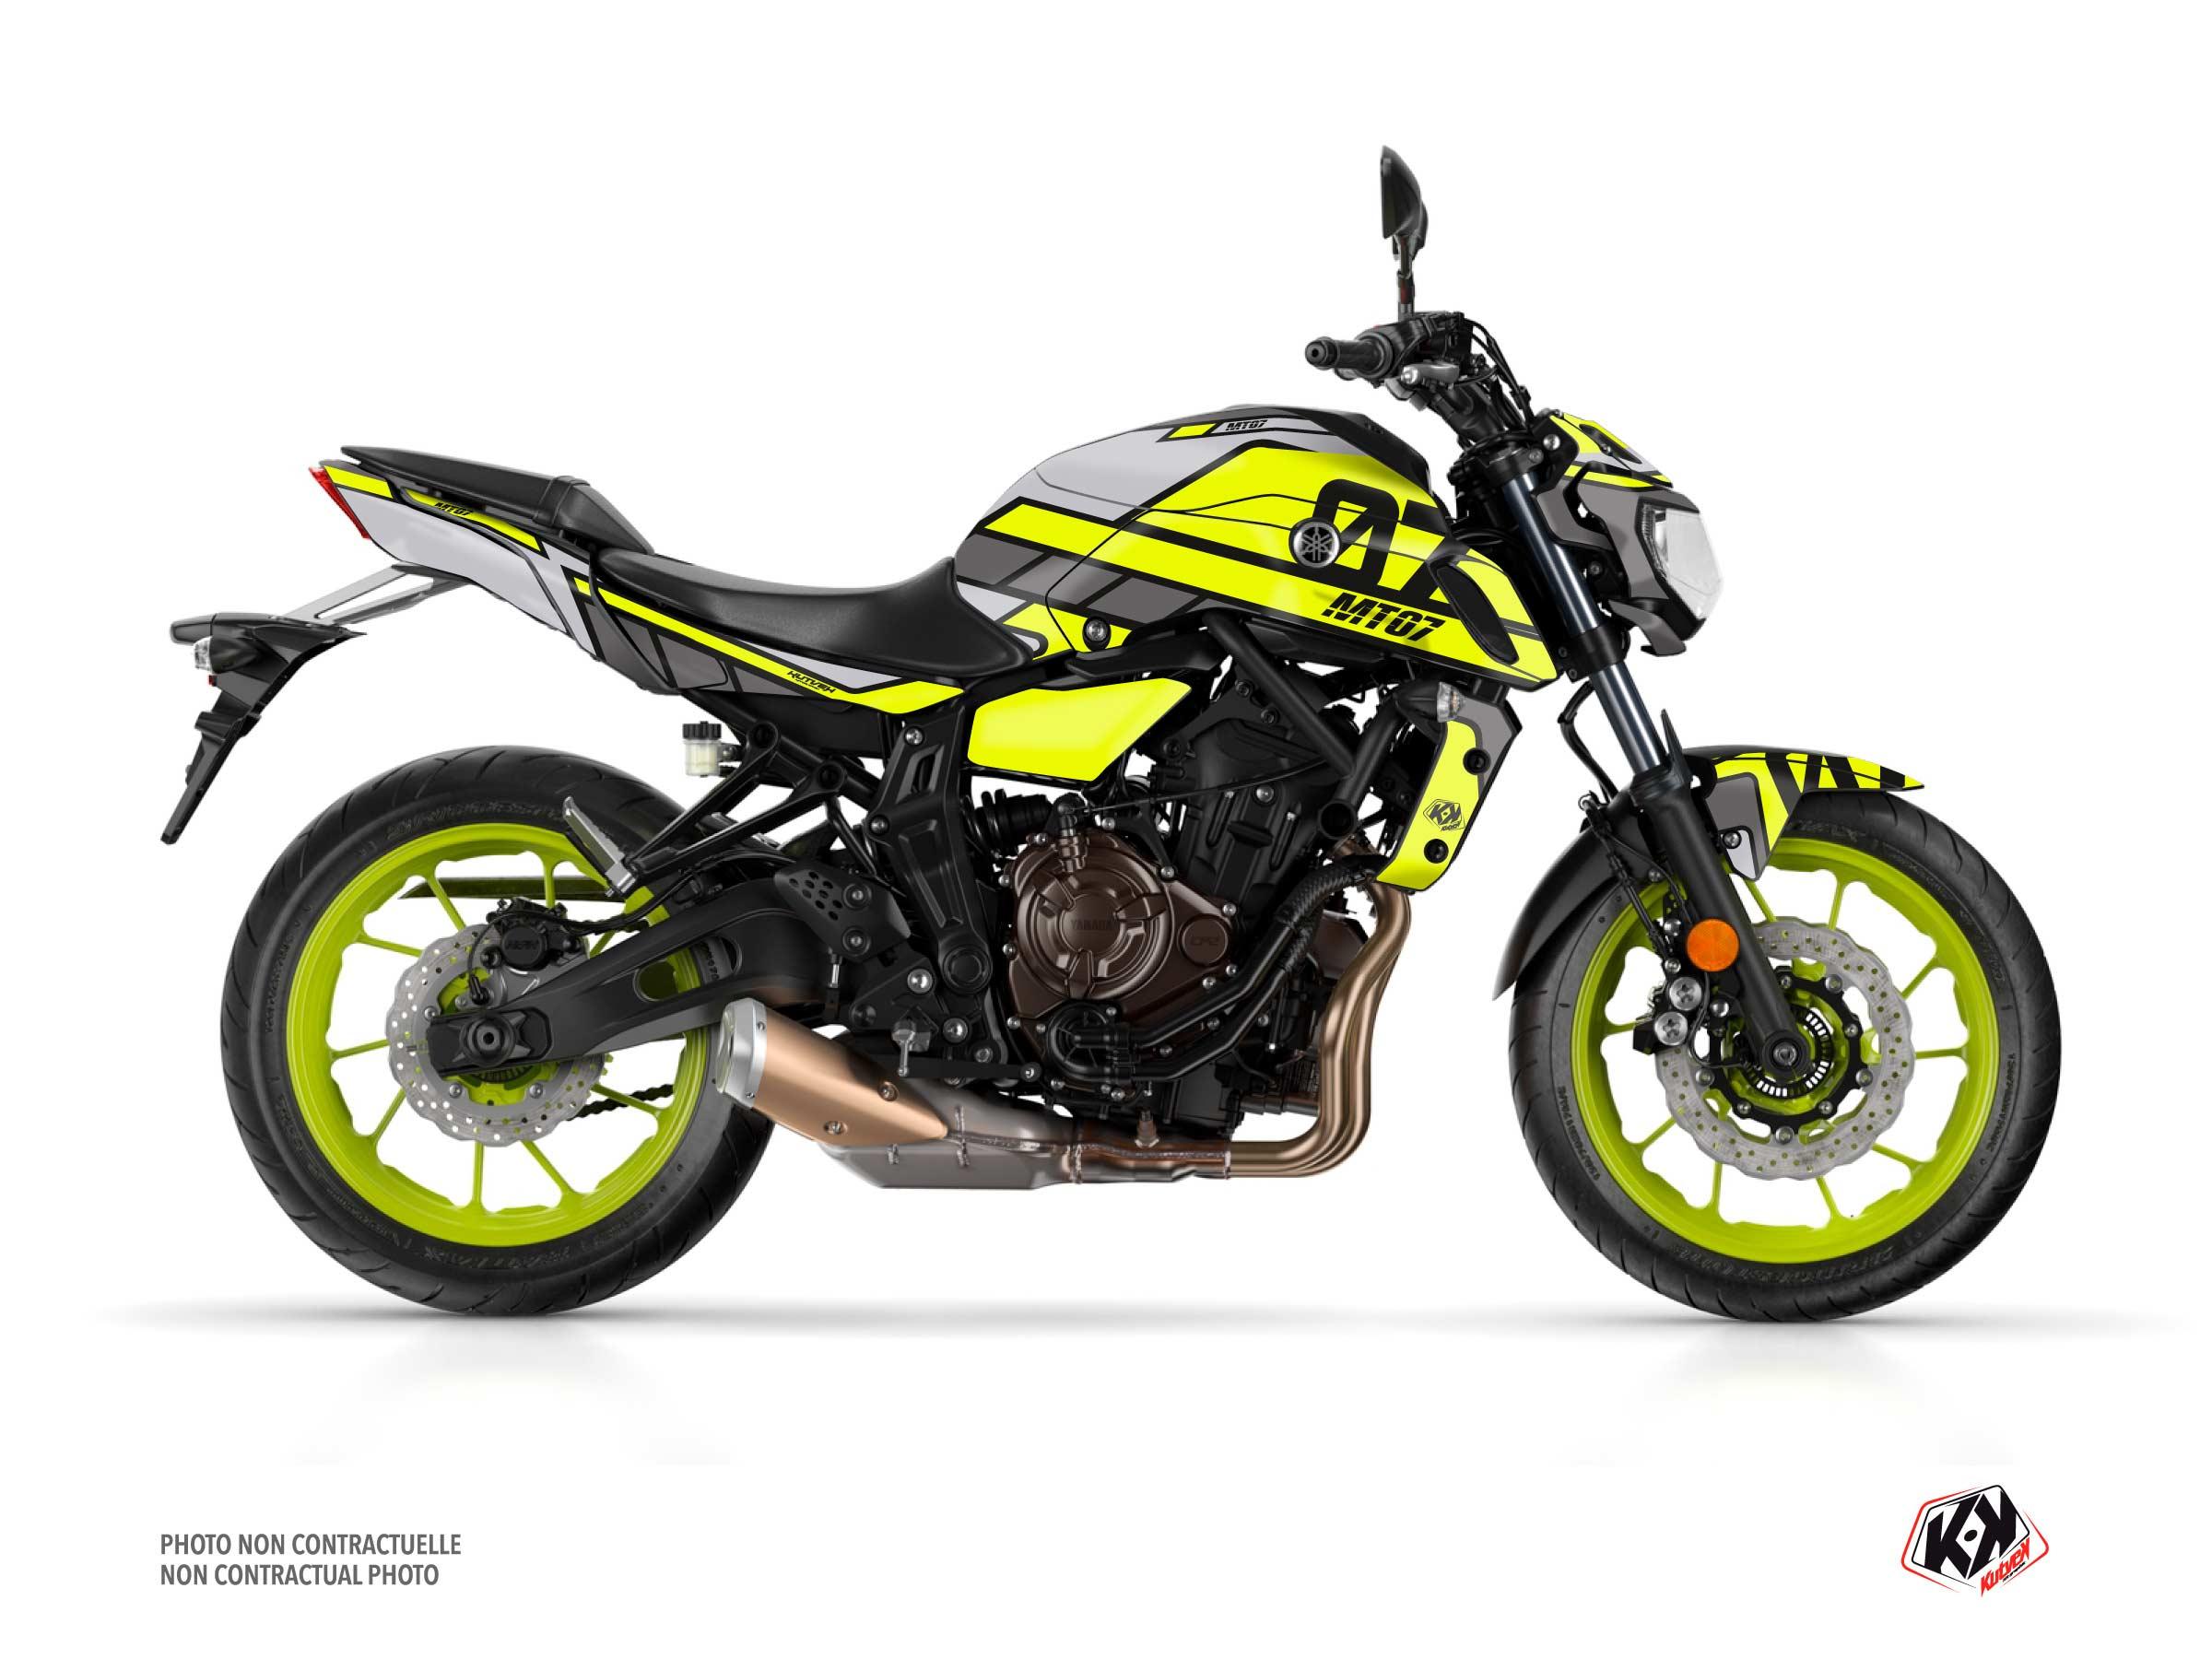 Kit Déco Moto Player Yamaha MT 07 Jaune